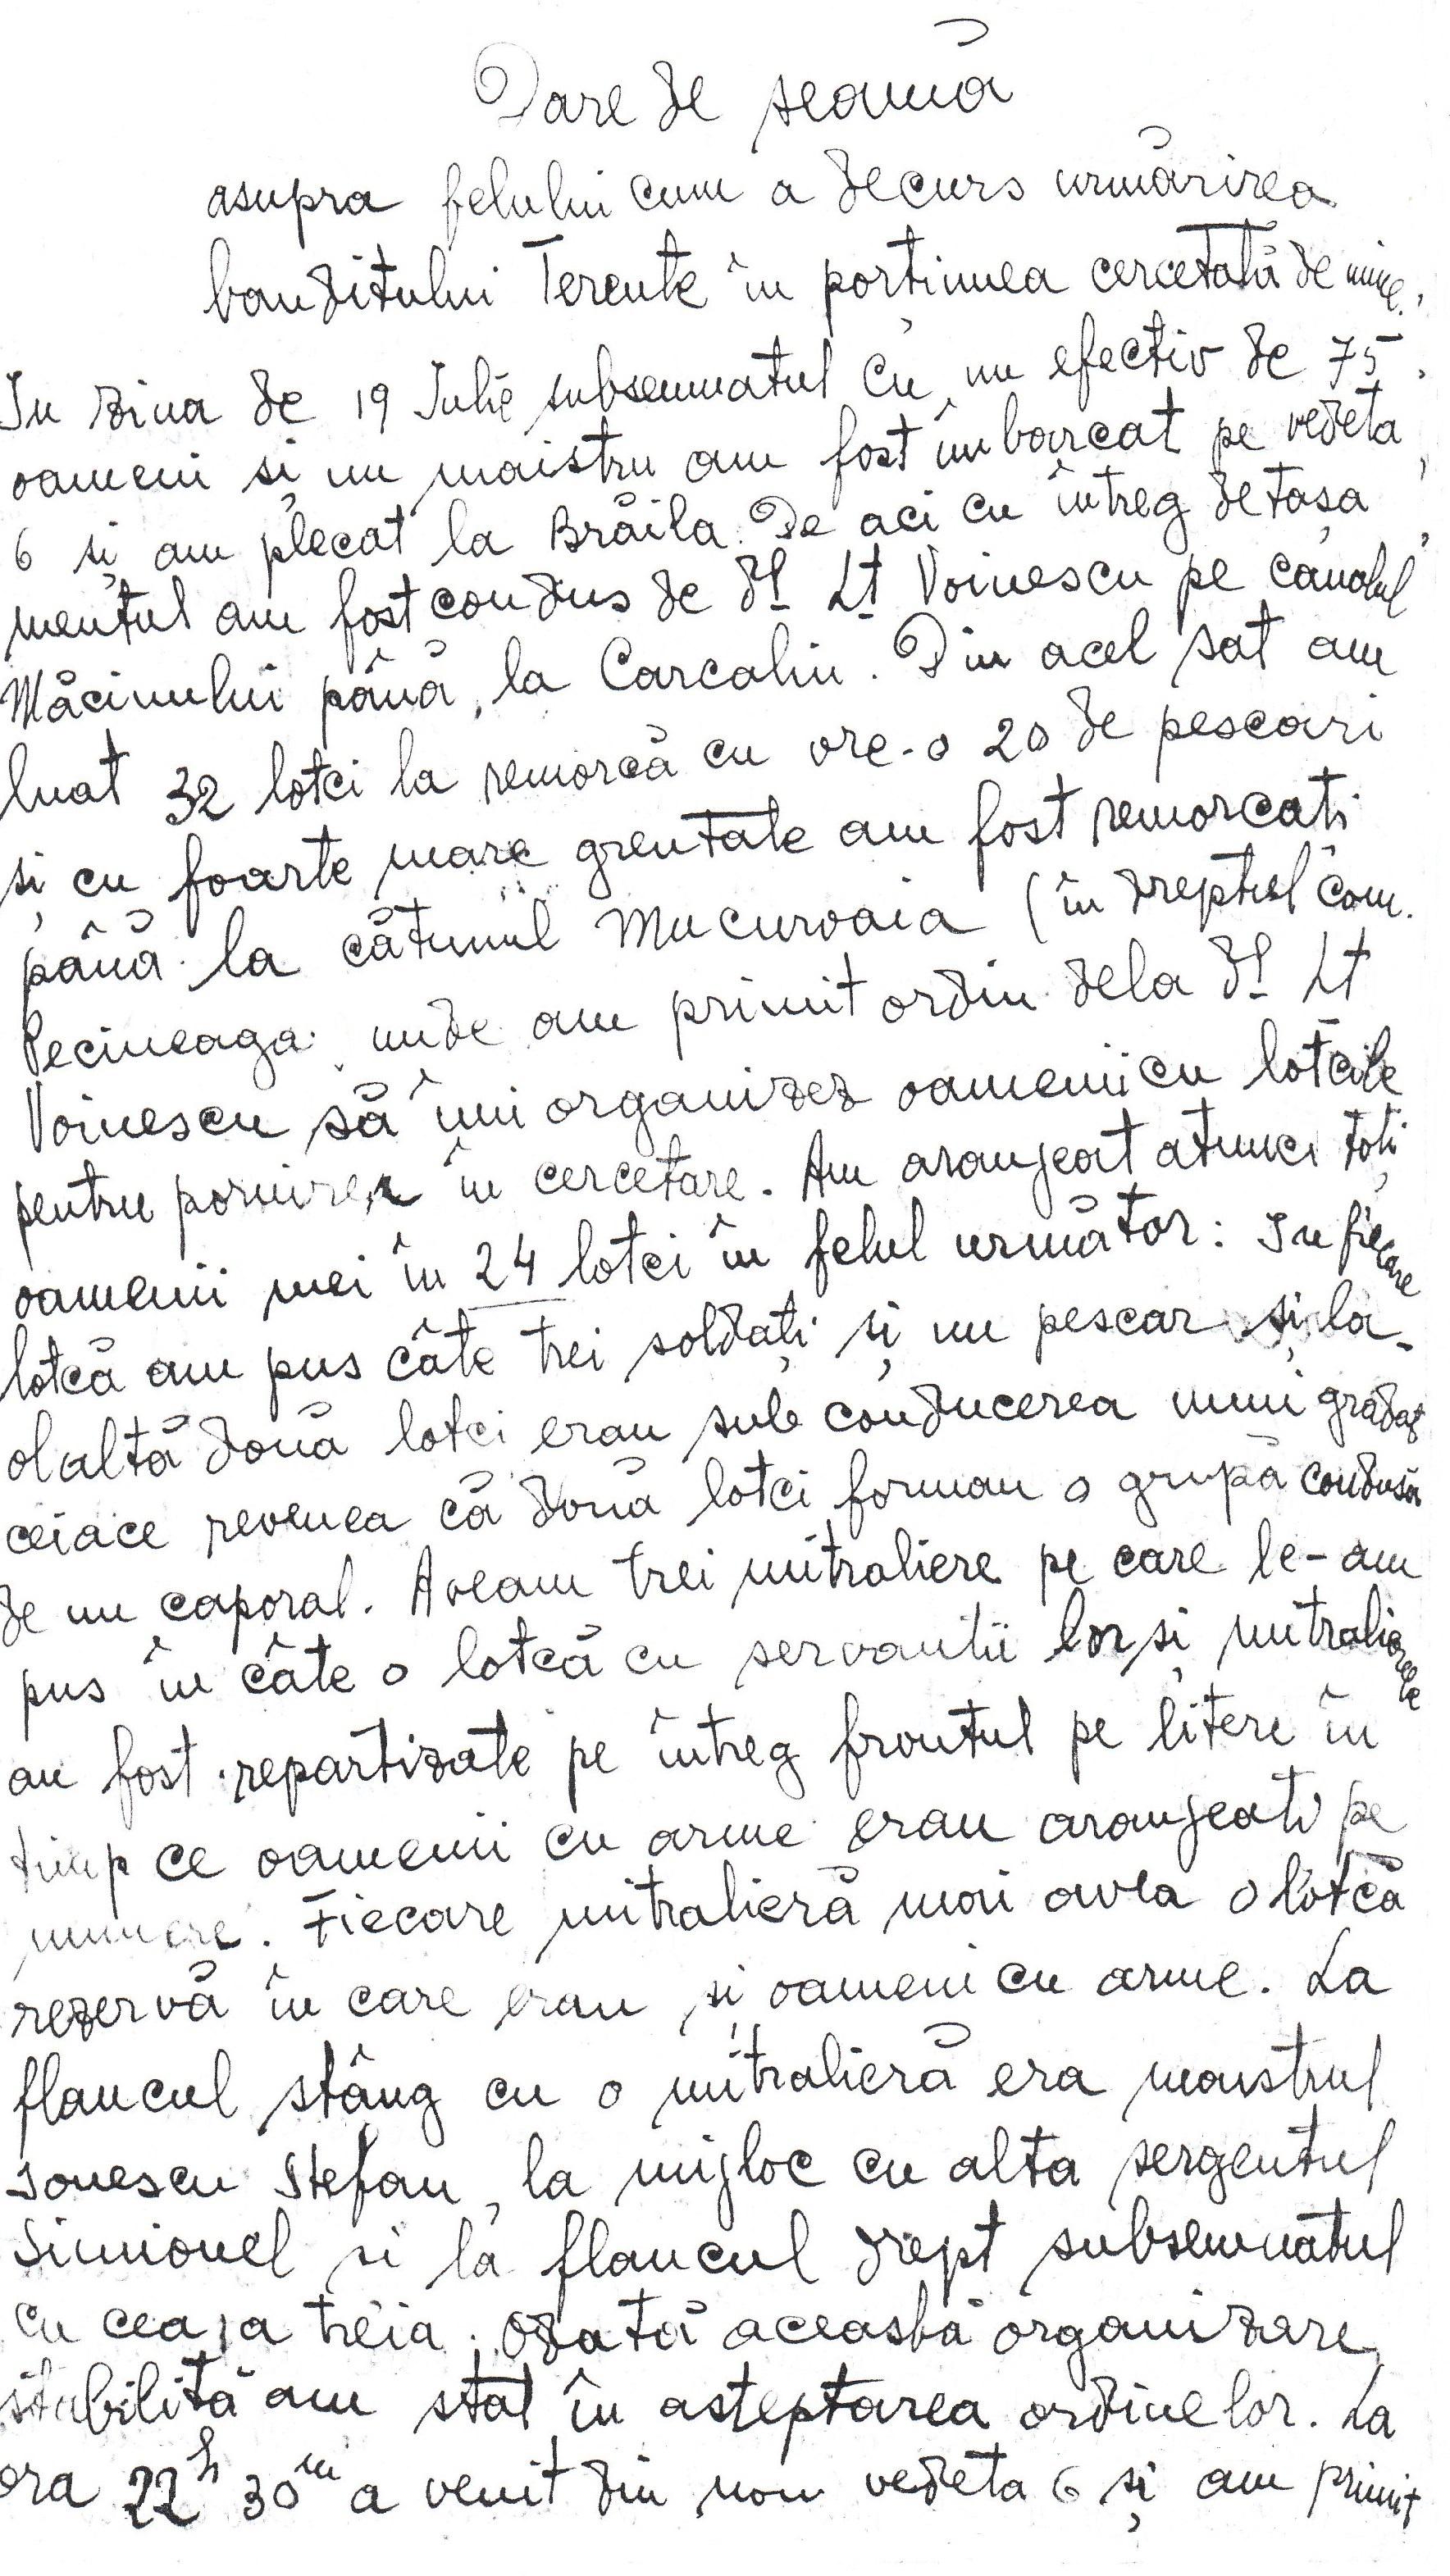 Dare de seamă a sublocotenentului Petru Ştefan Popescu despre acțiunea de urmărie a lui Terente în zilele de 19, 20 și 21 iulie 1924.